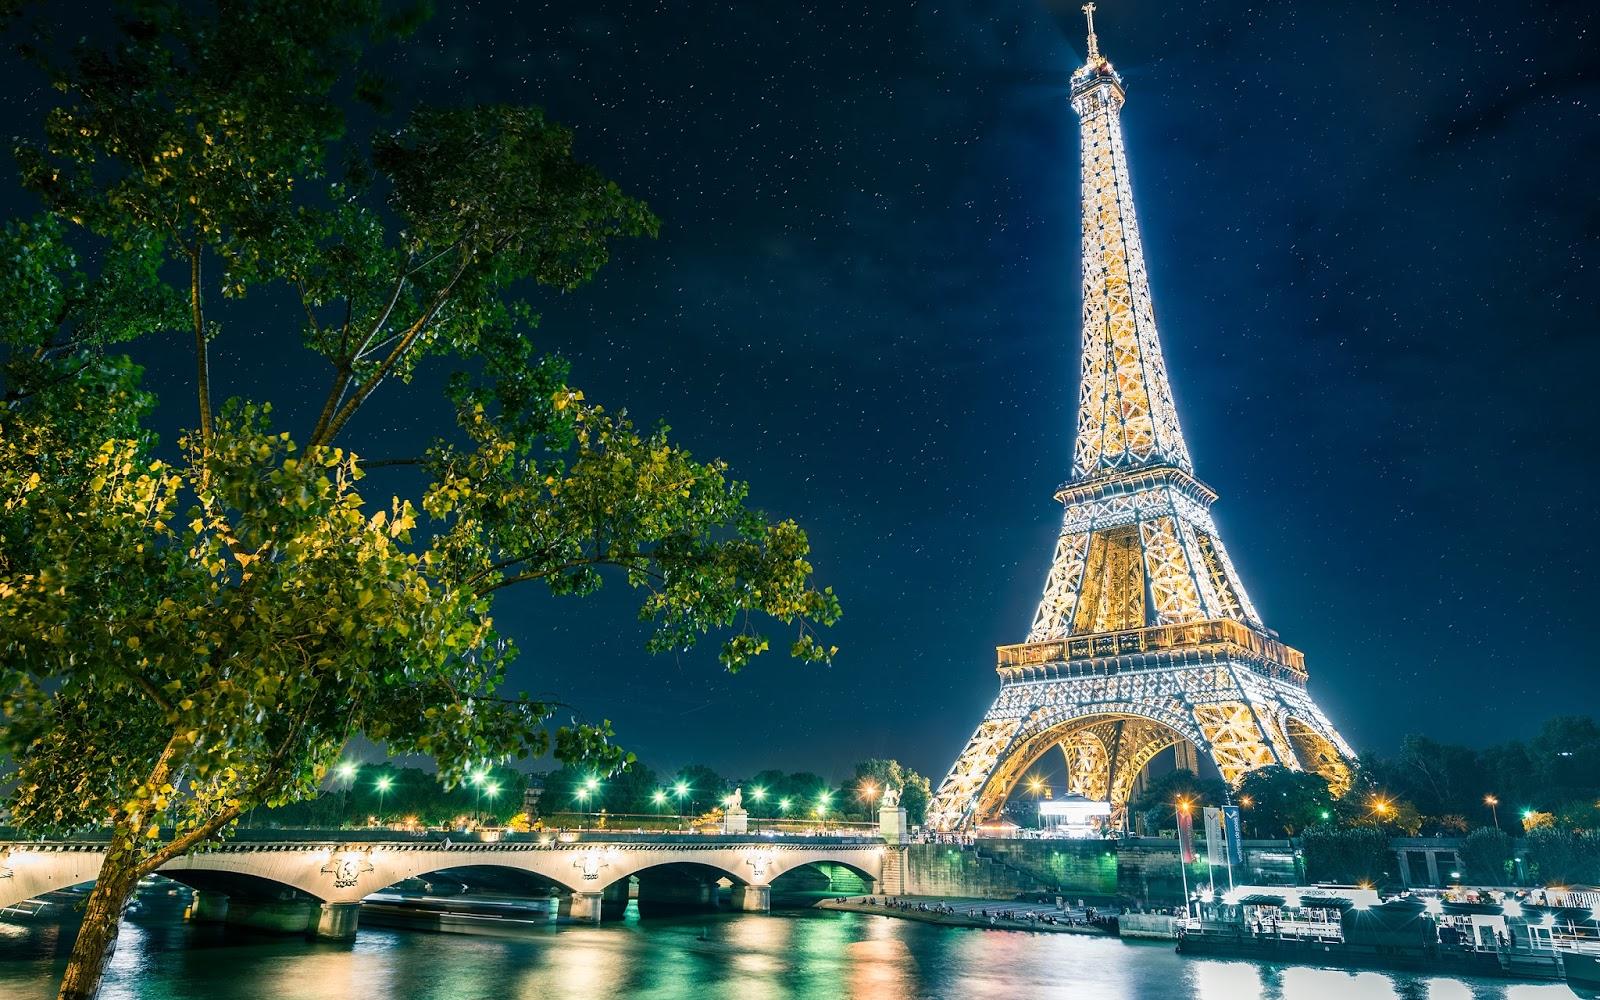 """<img src=""""http://4.bp.blogspot.com/-kdJQbj_A69g/UuOEn0t_3DI/AAAAAAAAKOY/DIr5Ch6K2Qs/s1600/eiffel-tower-wallpaper.jpg"""" alt=""""eiffel tower wallpaper"""" />"""